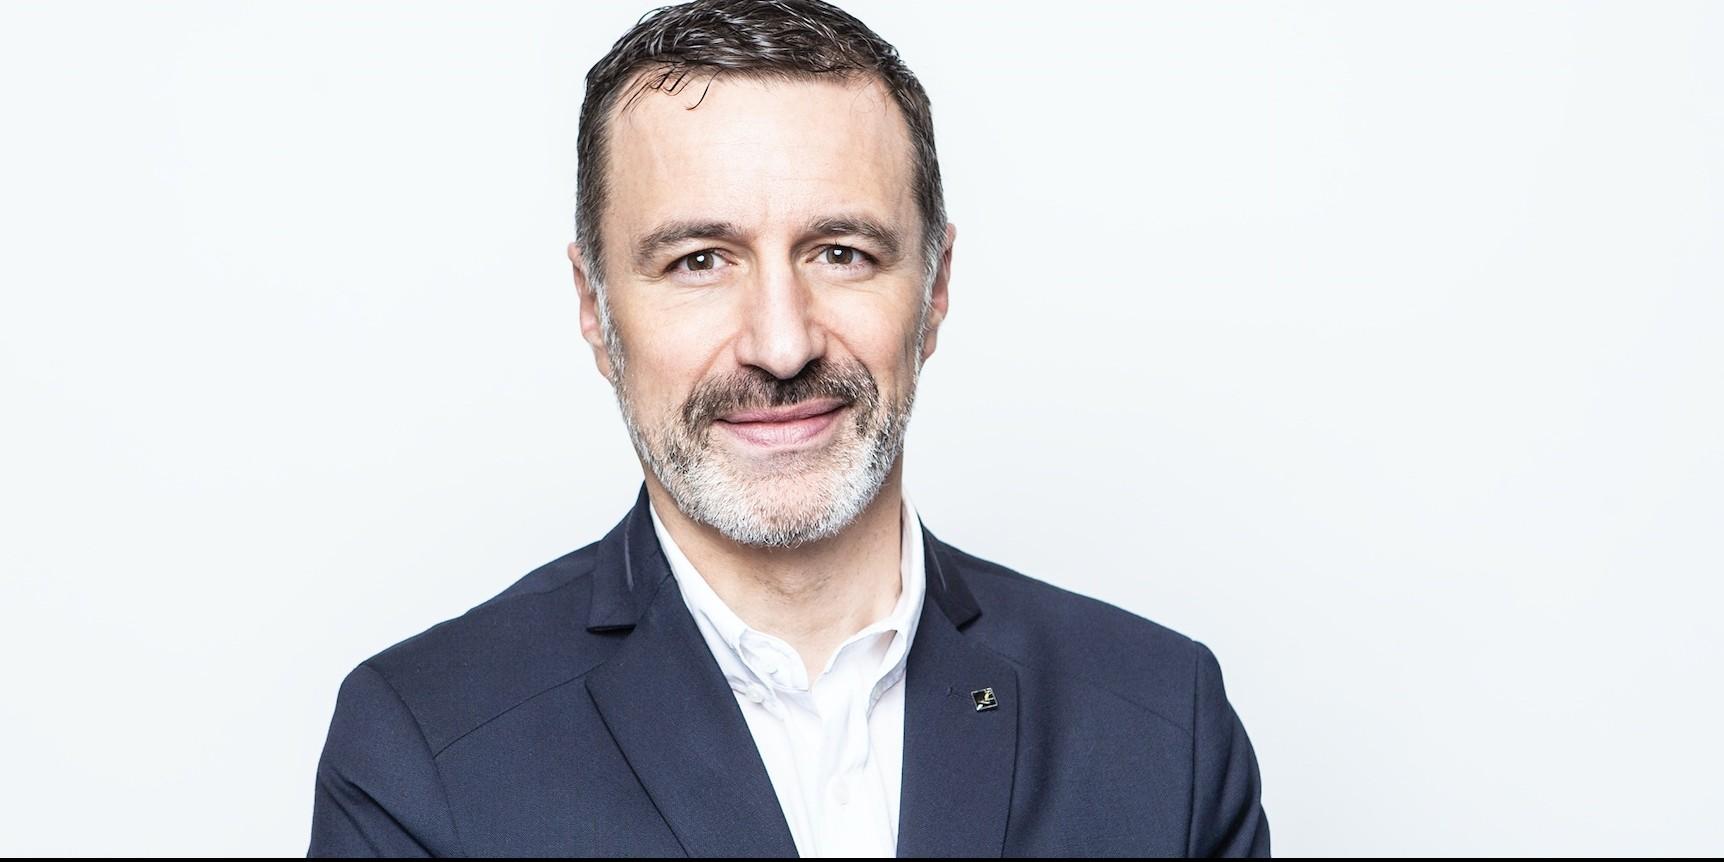 José Fernandez quitte Dentsu Aegis Network pour D